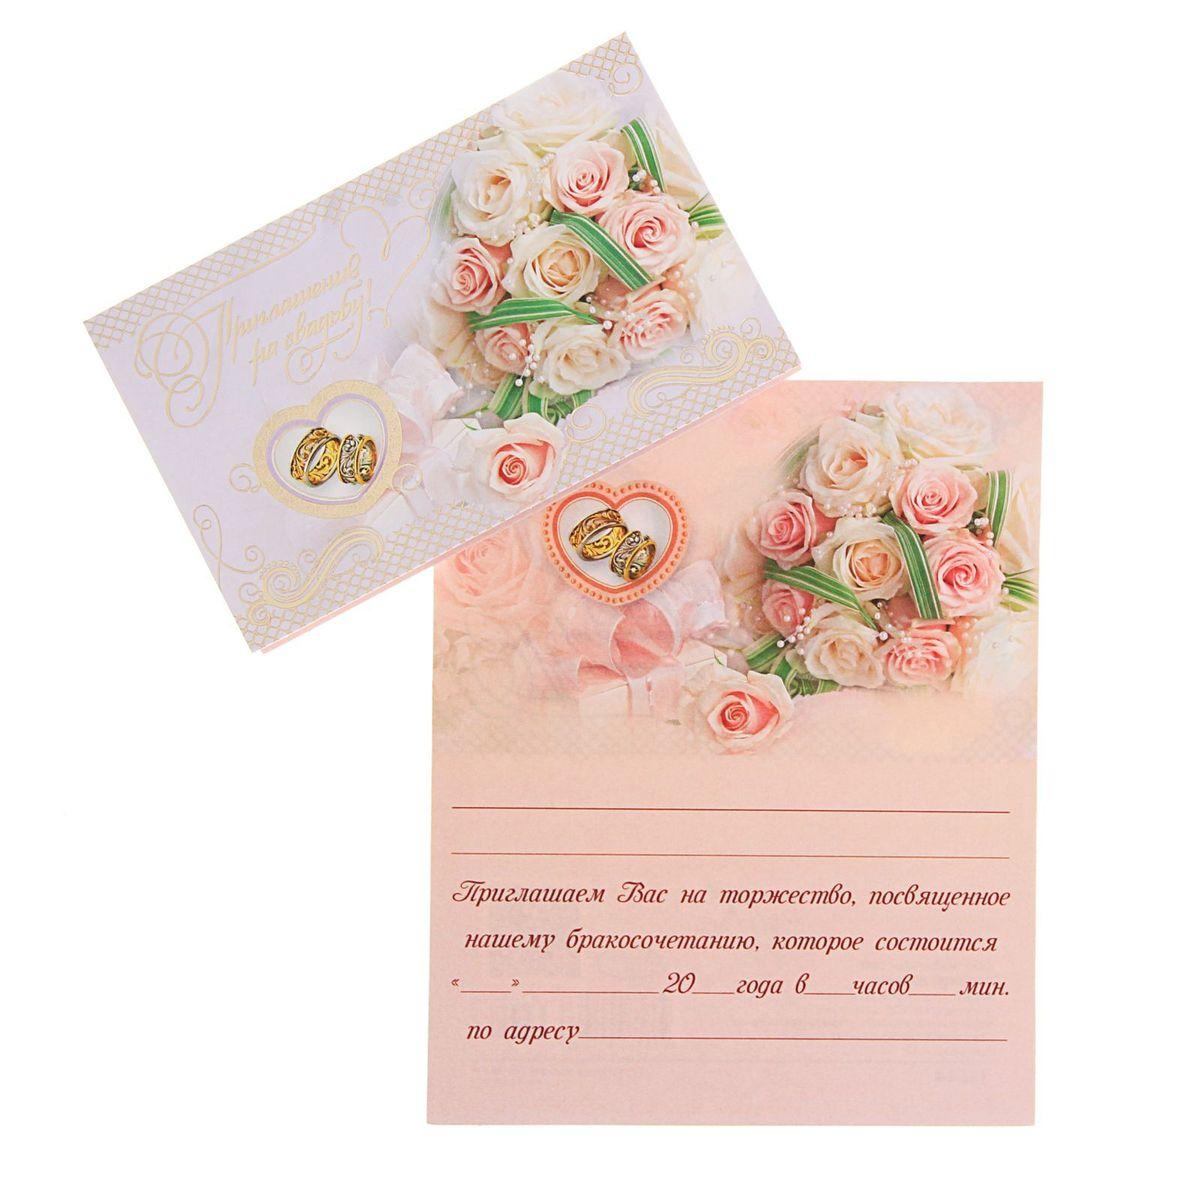 Приглашение на свадьбу Русский дизайн Кольца и розы, 14 х 11 см1367767Красивая свадебная пригласительная открытка станет незаменимым атрибутом подготовки к предстоящему торжеству и позволит объявить самым дорогим вам людям о важном событии в вашей жизни. Приглашение на свадьбу Русский дизайн Кольца и розы, выполненное из картона, отличается не только оригинальным дизайном, но и высоким качеством. Внутри - текст приглашения. Вам остается заполнить необходимые строки и раздать гостям. Устройте себе незабываемую свадьбу! Размер: 14 х 11 см.